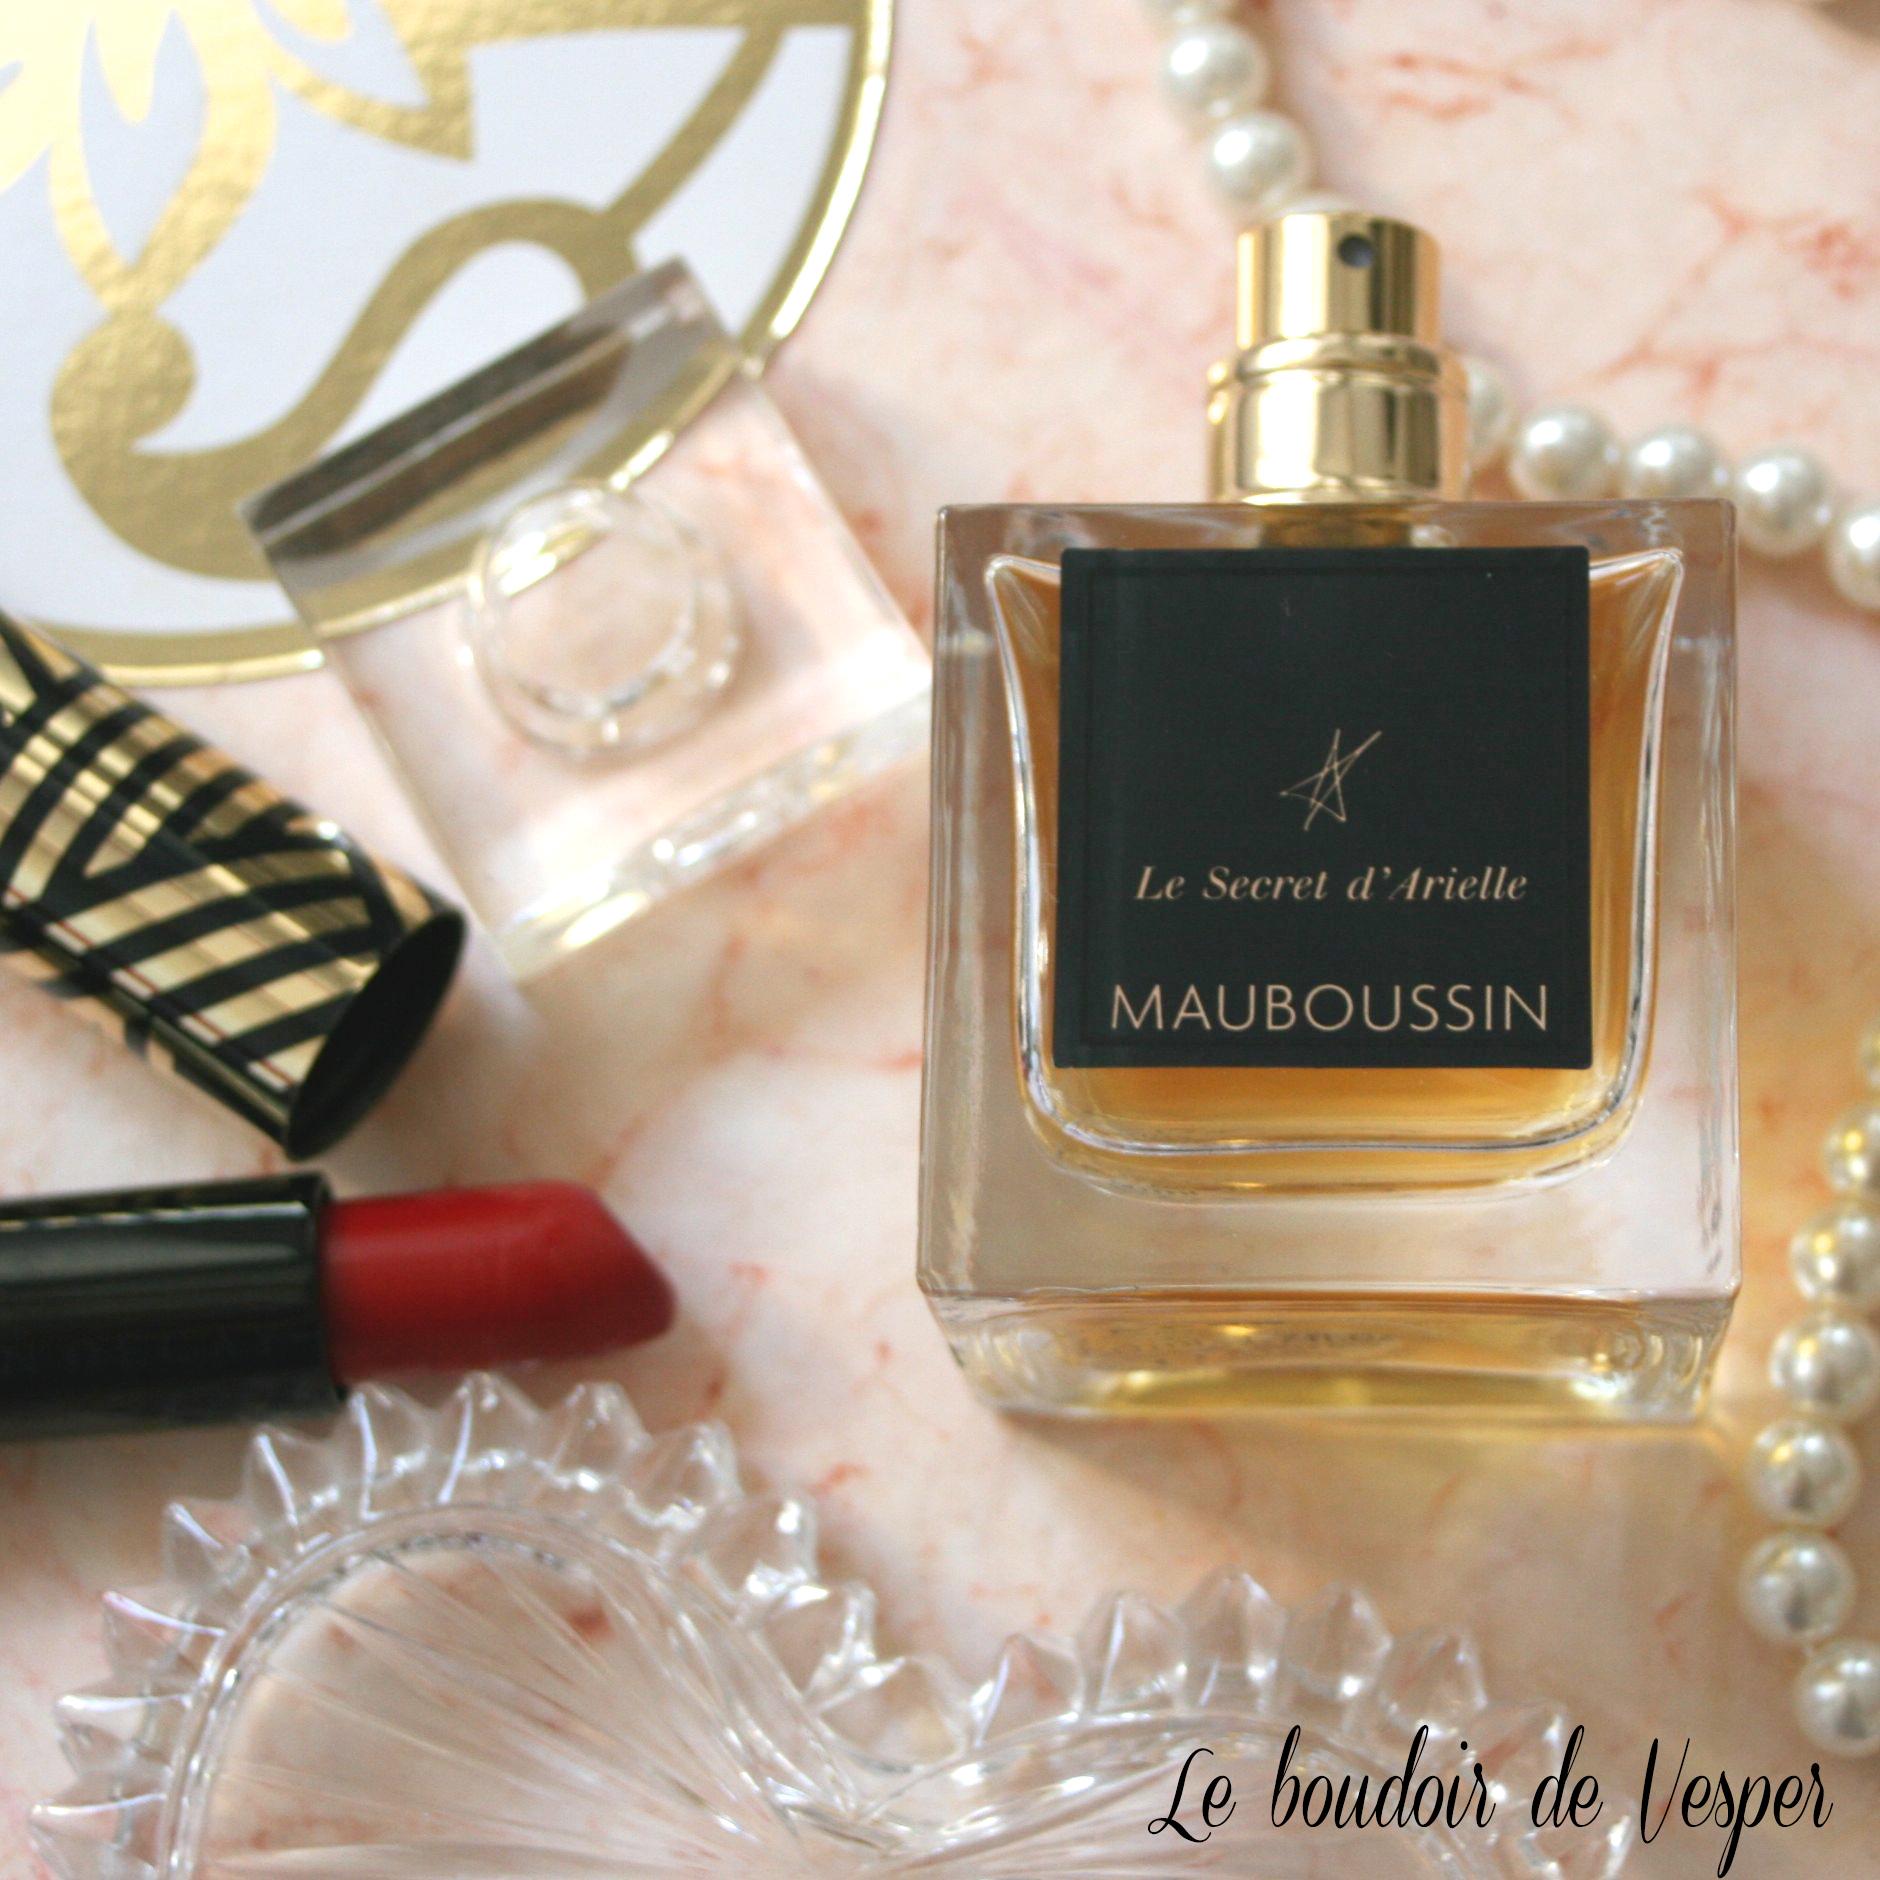 [Parfum] Mauboussin dévoile «Le secret d'Arielle» [+concours]